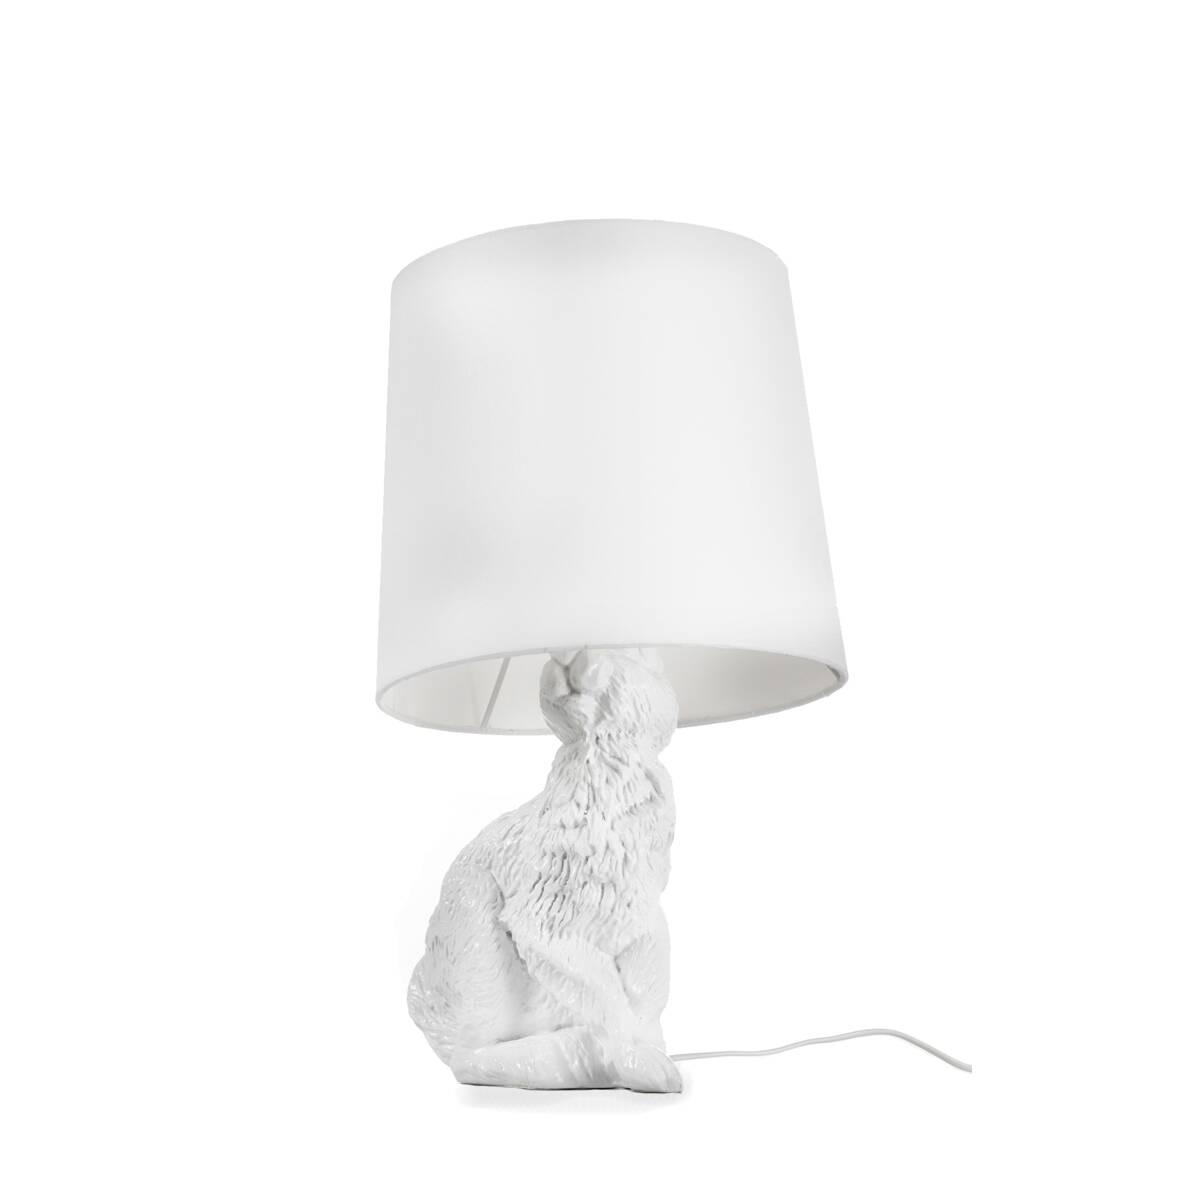 Настольный светильник RabbitНастольные<br>Дизайнерский настольный светильник Rabbit (Рэббит) в форме кролика от Cosmo (Космо).<br><br> Привнесите в ваш интерьер нотку юмора! Забавный, причудливый, но при этом очень практичный настольный светильник Rabbit оживит любую комнату. Пластиковое основание светильника выполнено в форме милого зверька кролика, который словно спрятался и замер под абажуром. Найдут или не найдут? Заметят или нет?<br><br><br> Светильник представляет собой воспроизведение работы шведской дизайнерской группы Front, котор...<br><br>stock: 0<br>Высота: 54<br>Диаметр: 29<br>Количество ламп: 1<br>Материал абажура: Ткань<br>Материал арматуры: Пластик<br>Ламп в комплекте: Нет<br>Напряжение: 220<br>Тип лампы/цоколь: E14<br>Цвет абажура: Белый<br>Цвет арматуры: Белый